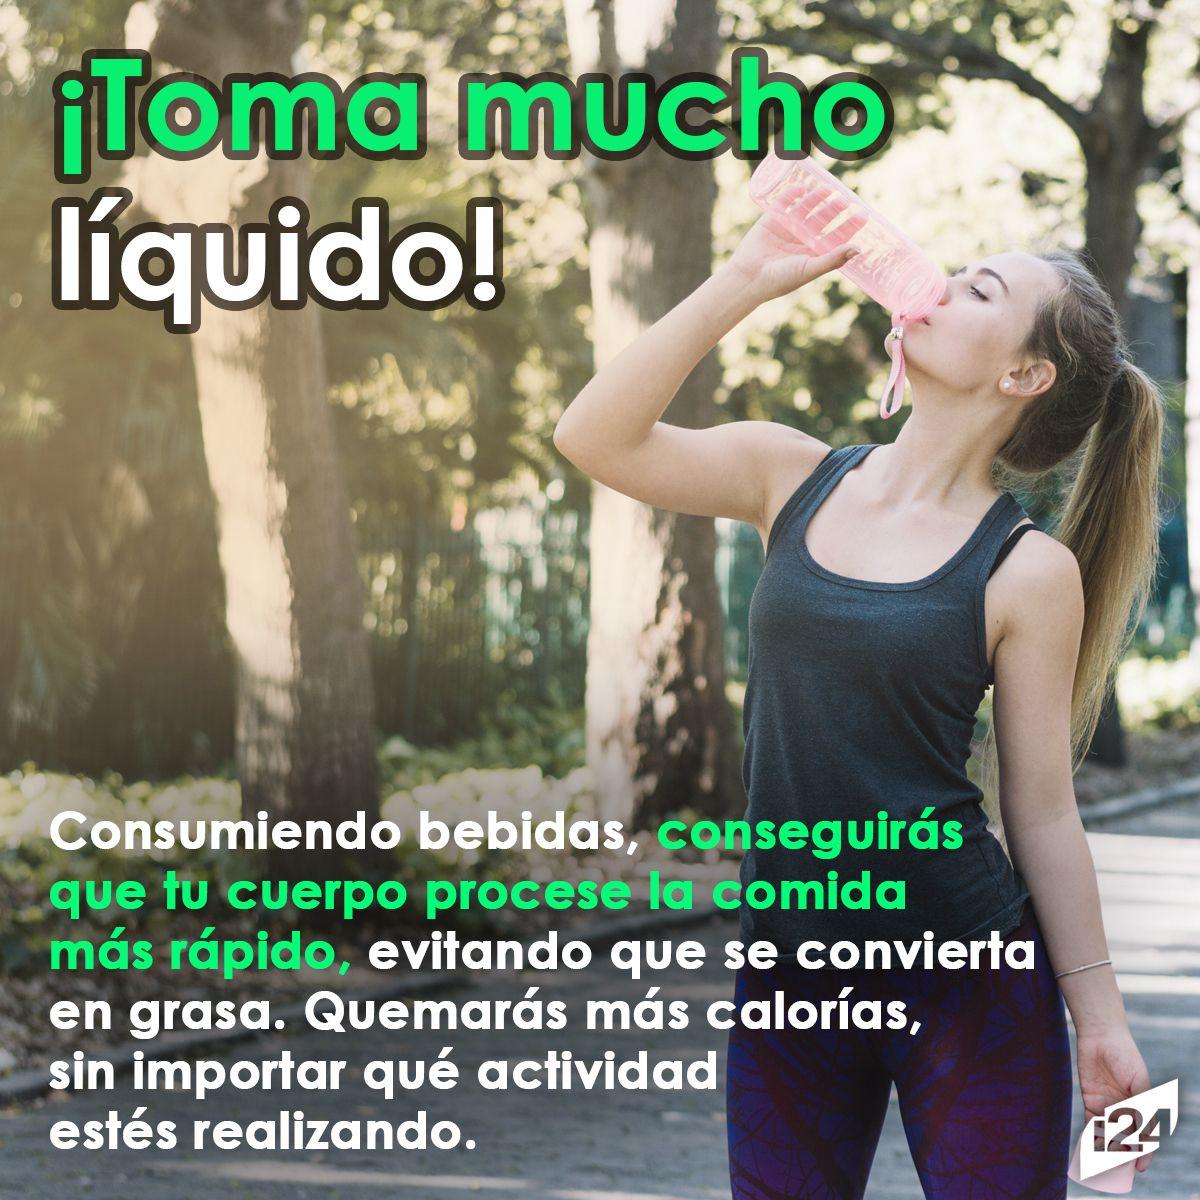 Enterate Es Aconsejable Consumir Agua Destilada Para Adelgazar